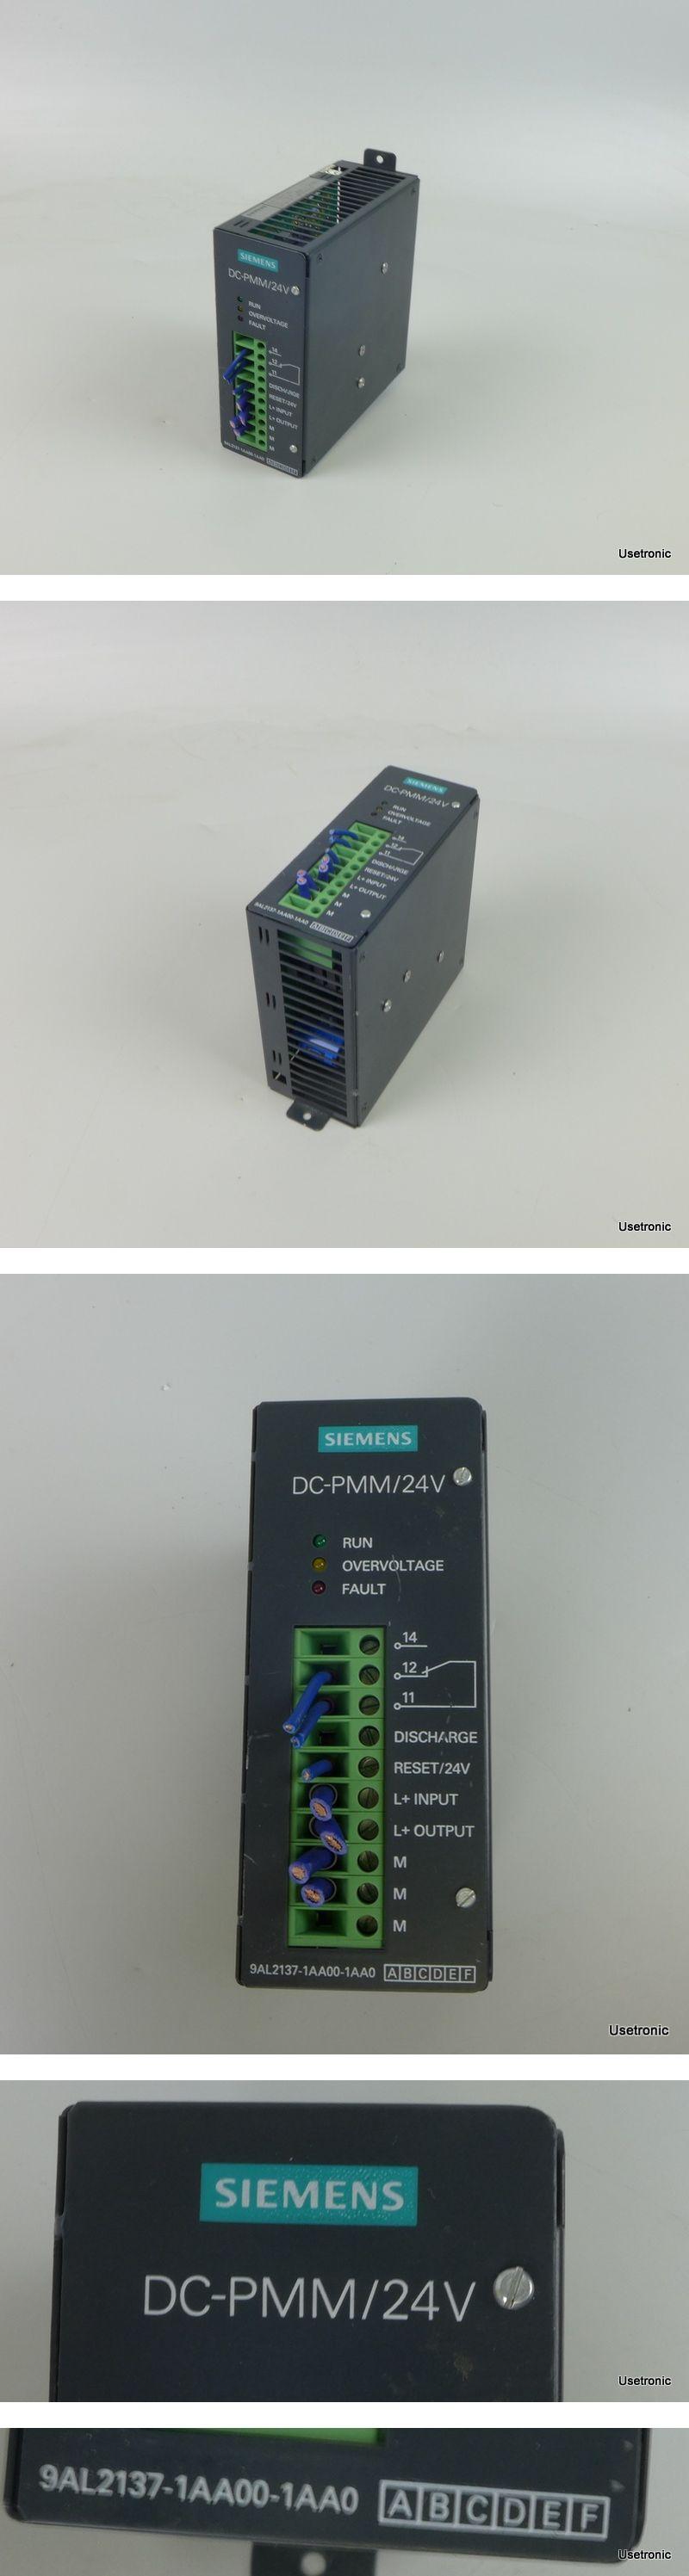 Siemens 9AL2137-1AA00-1AA0